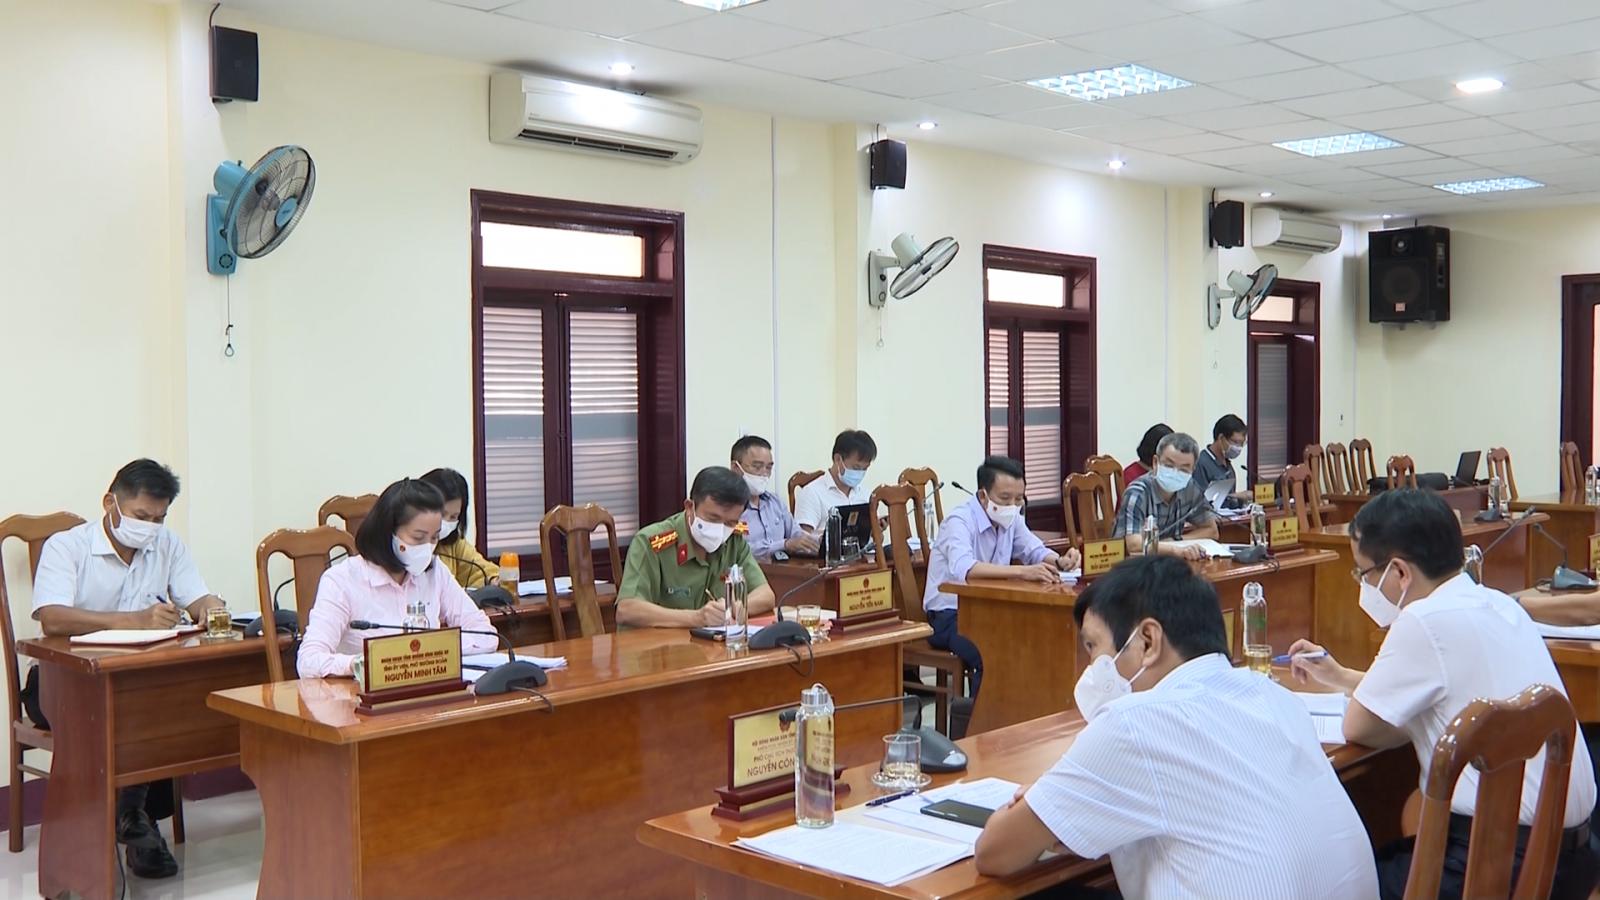 Đoàn ĐBQH tỉnh tham gia ý kiến về nội dung, chương trình kỳ họp thứ 2, Quốc hội khóa XV